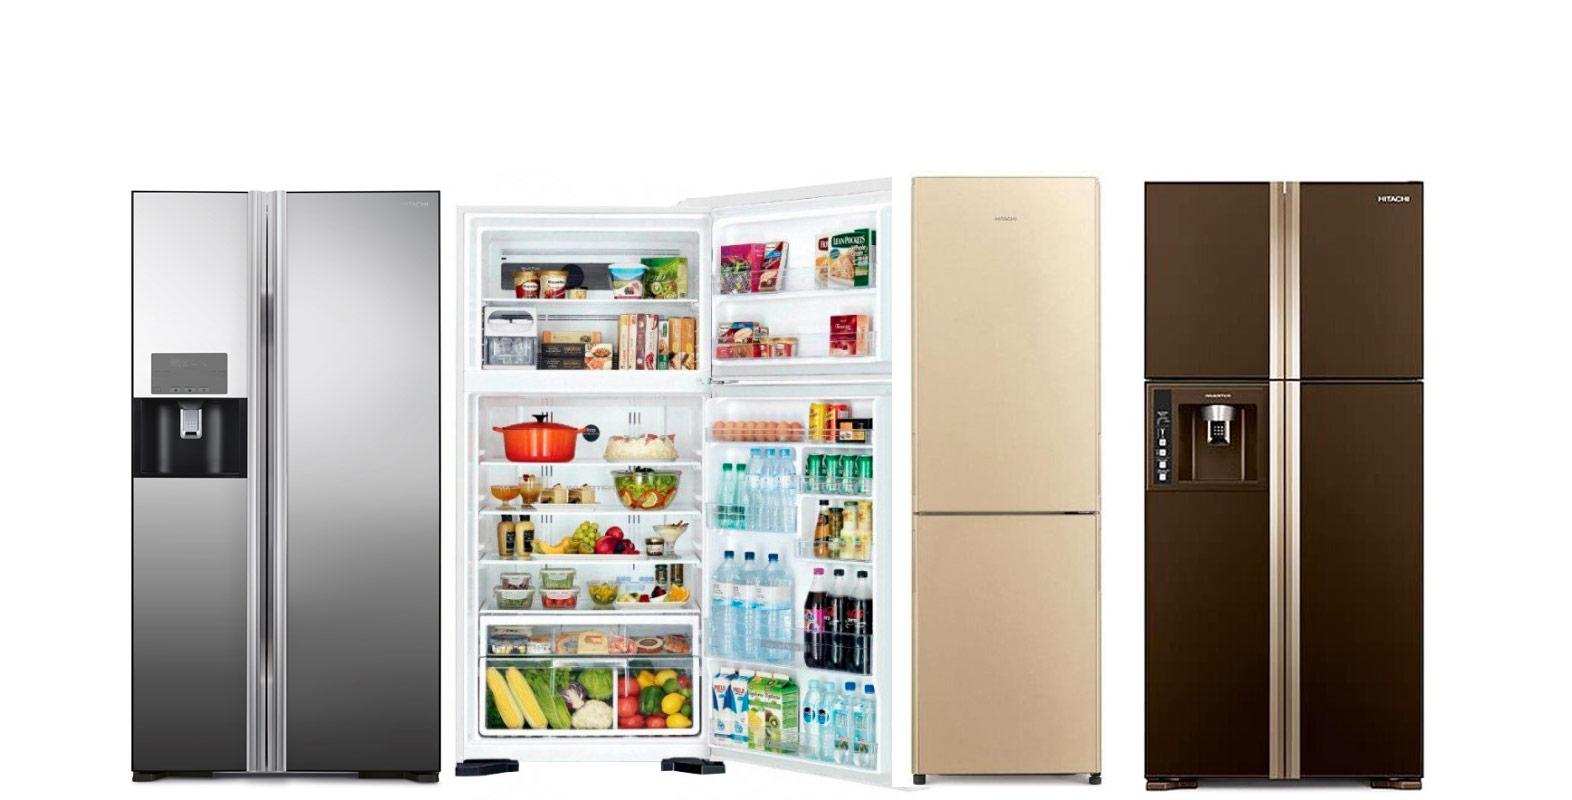 Фото: Виды холодильников Hitachi